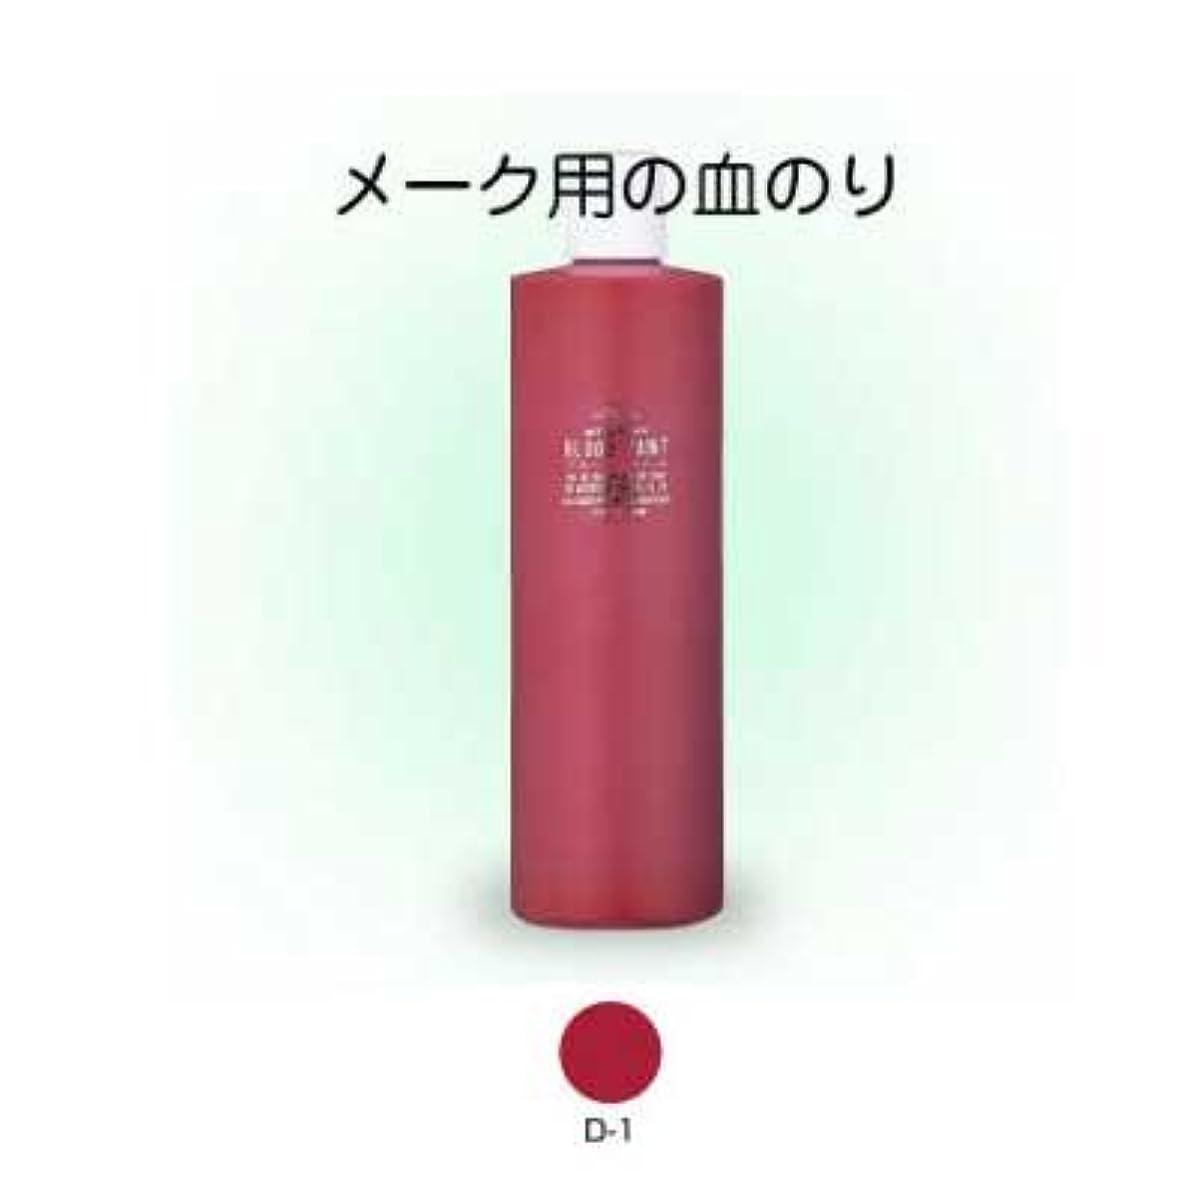 酸素くしゃみ定説ブロードペイント(メークアップ用の血のり)500ml D-1【三善】